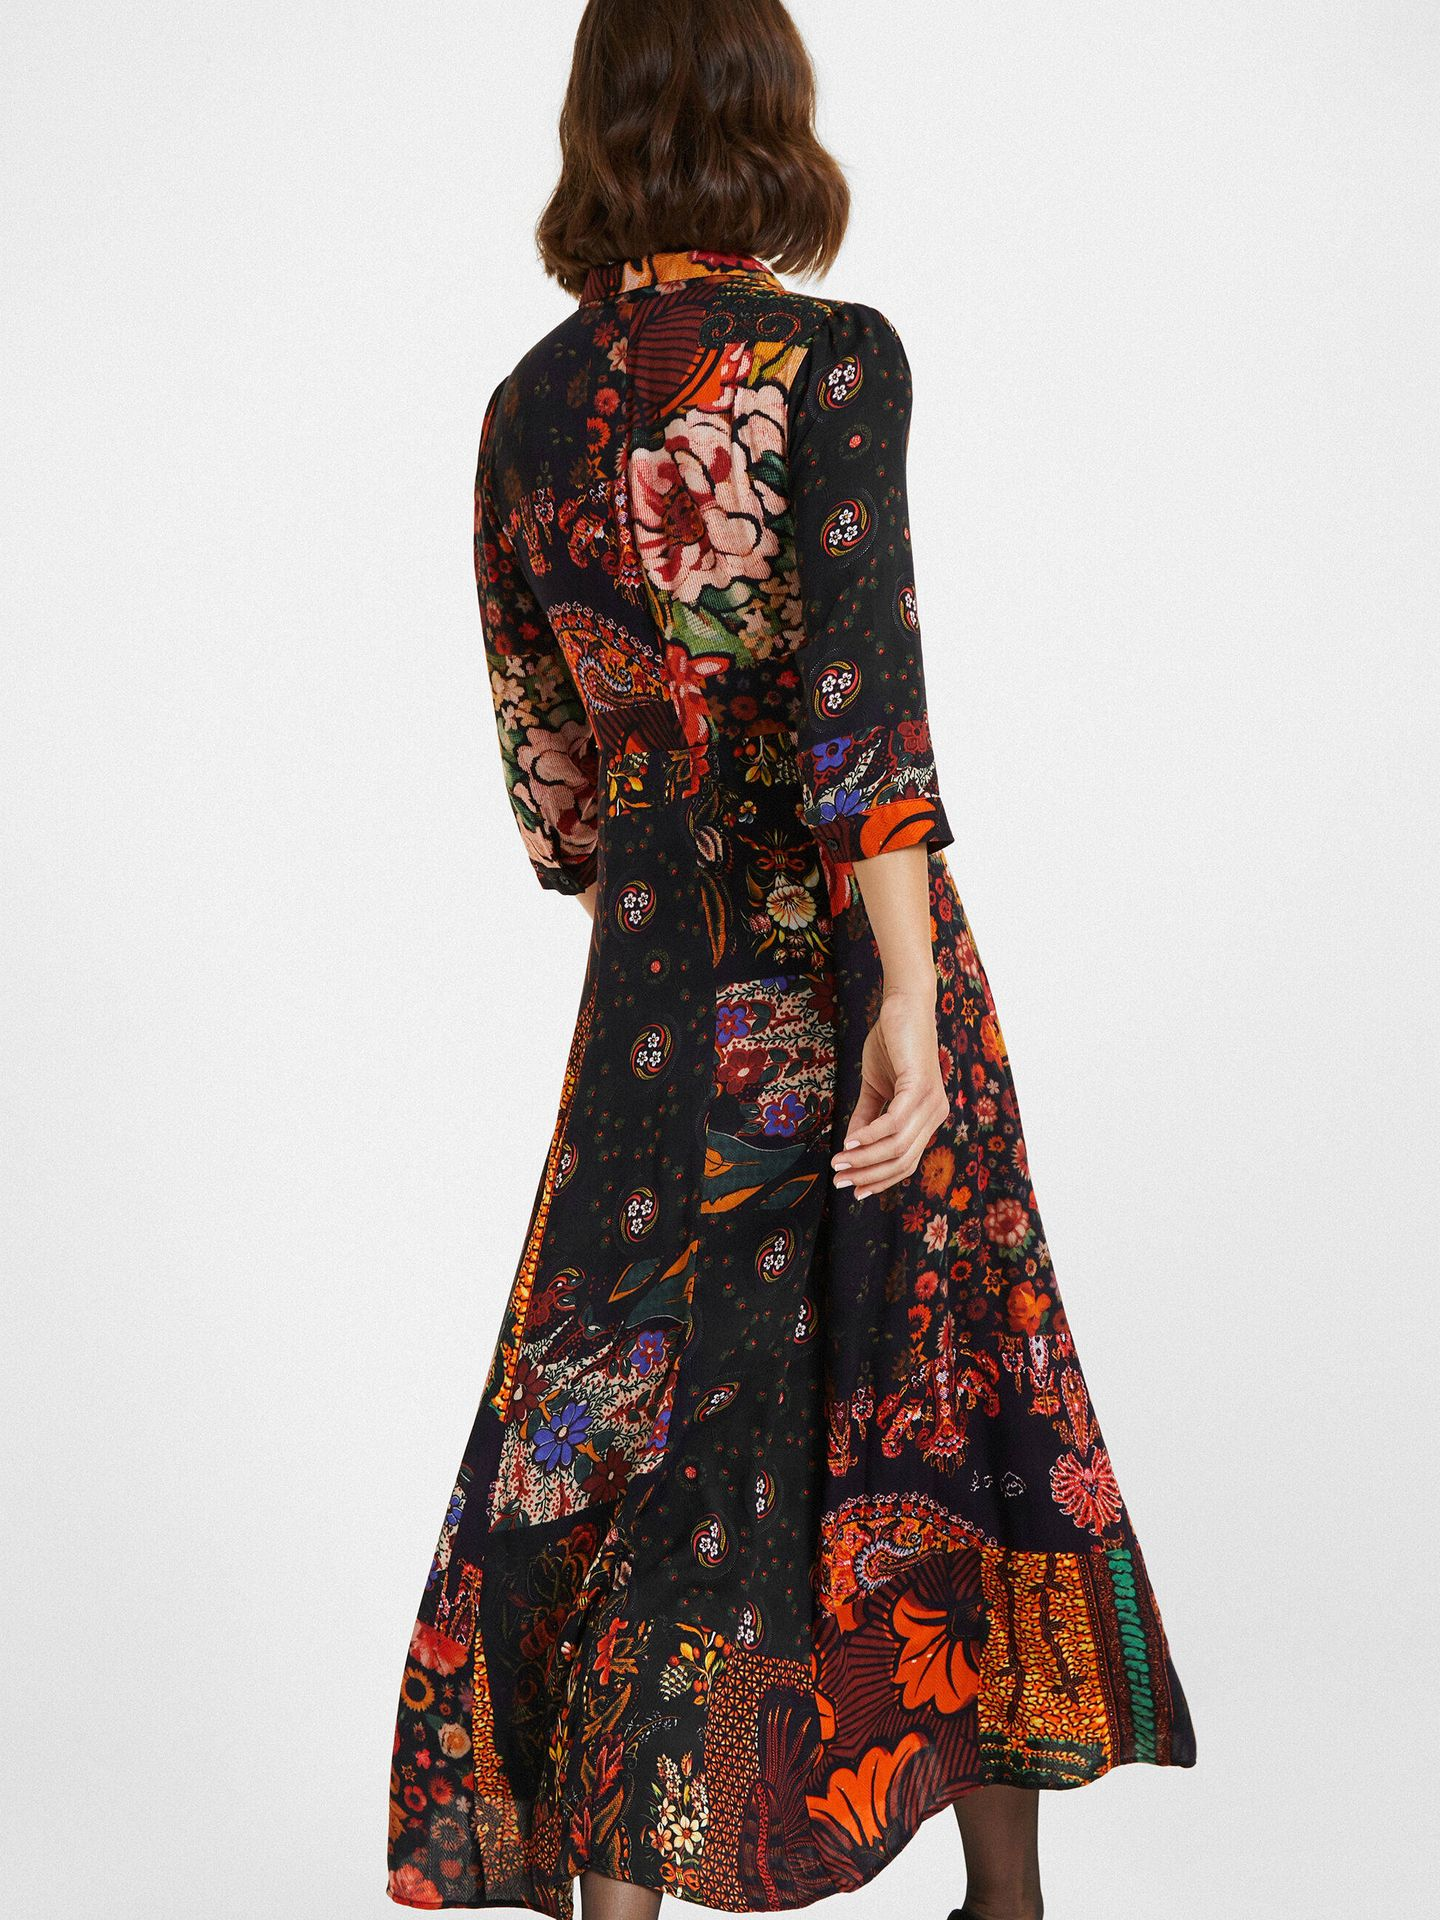 Marta Lozano y el vestido de Desigual más ideal. (Cortesía)